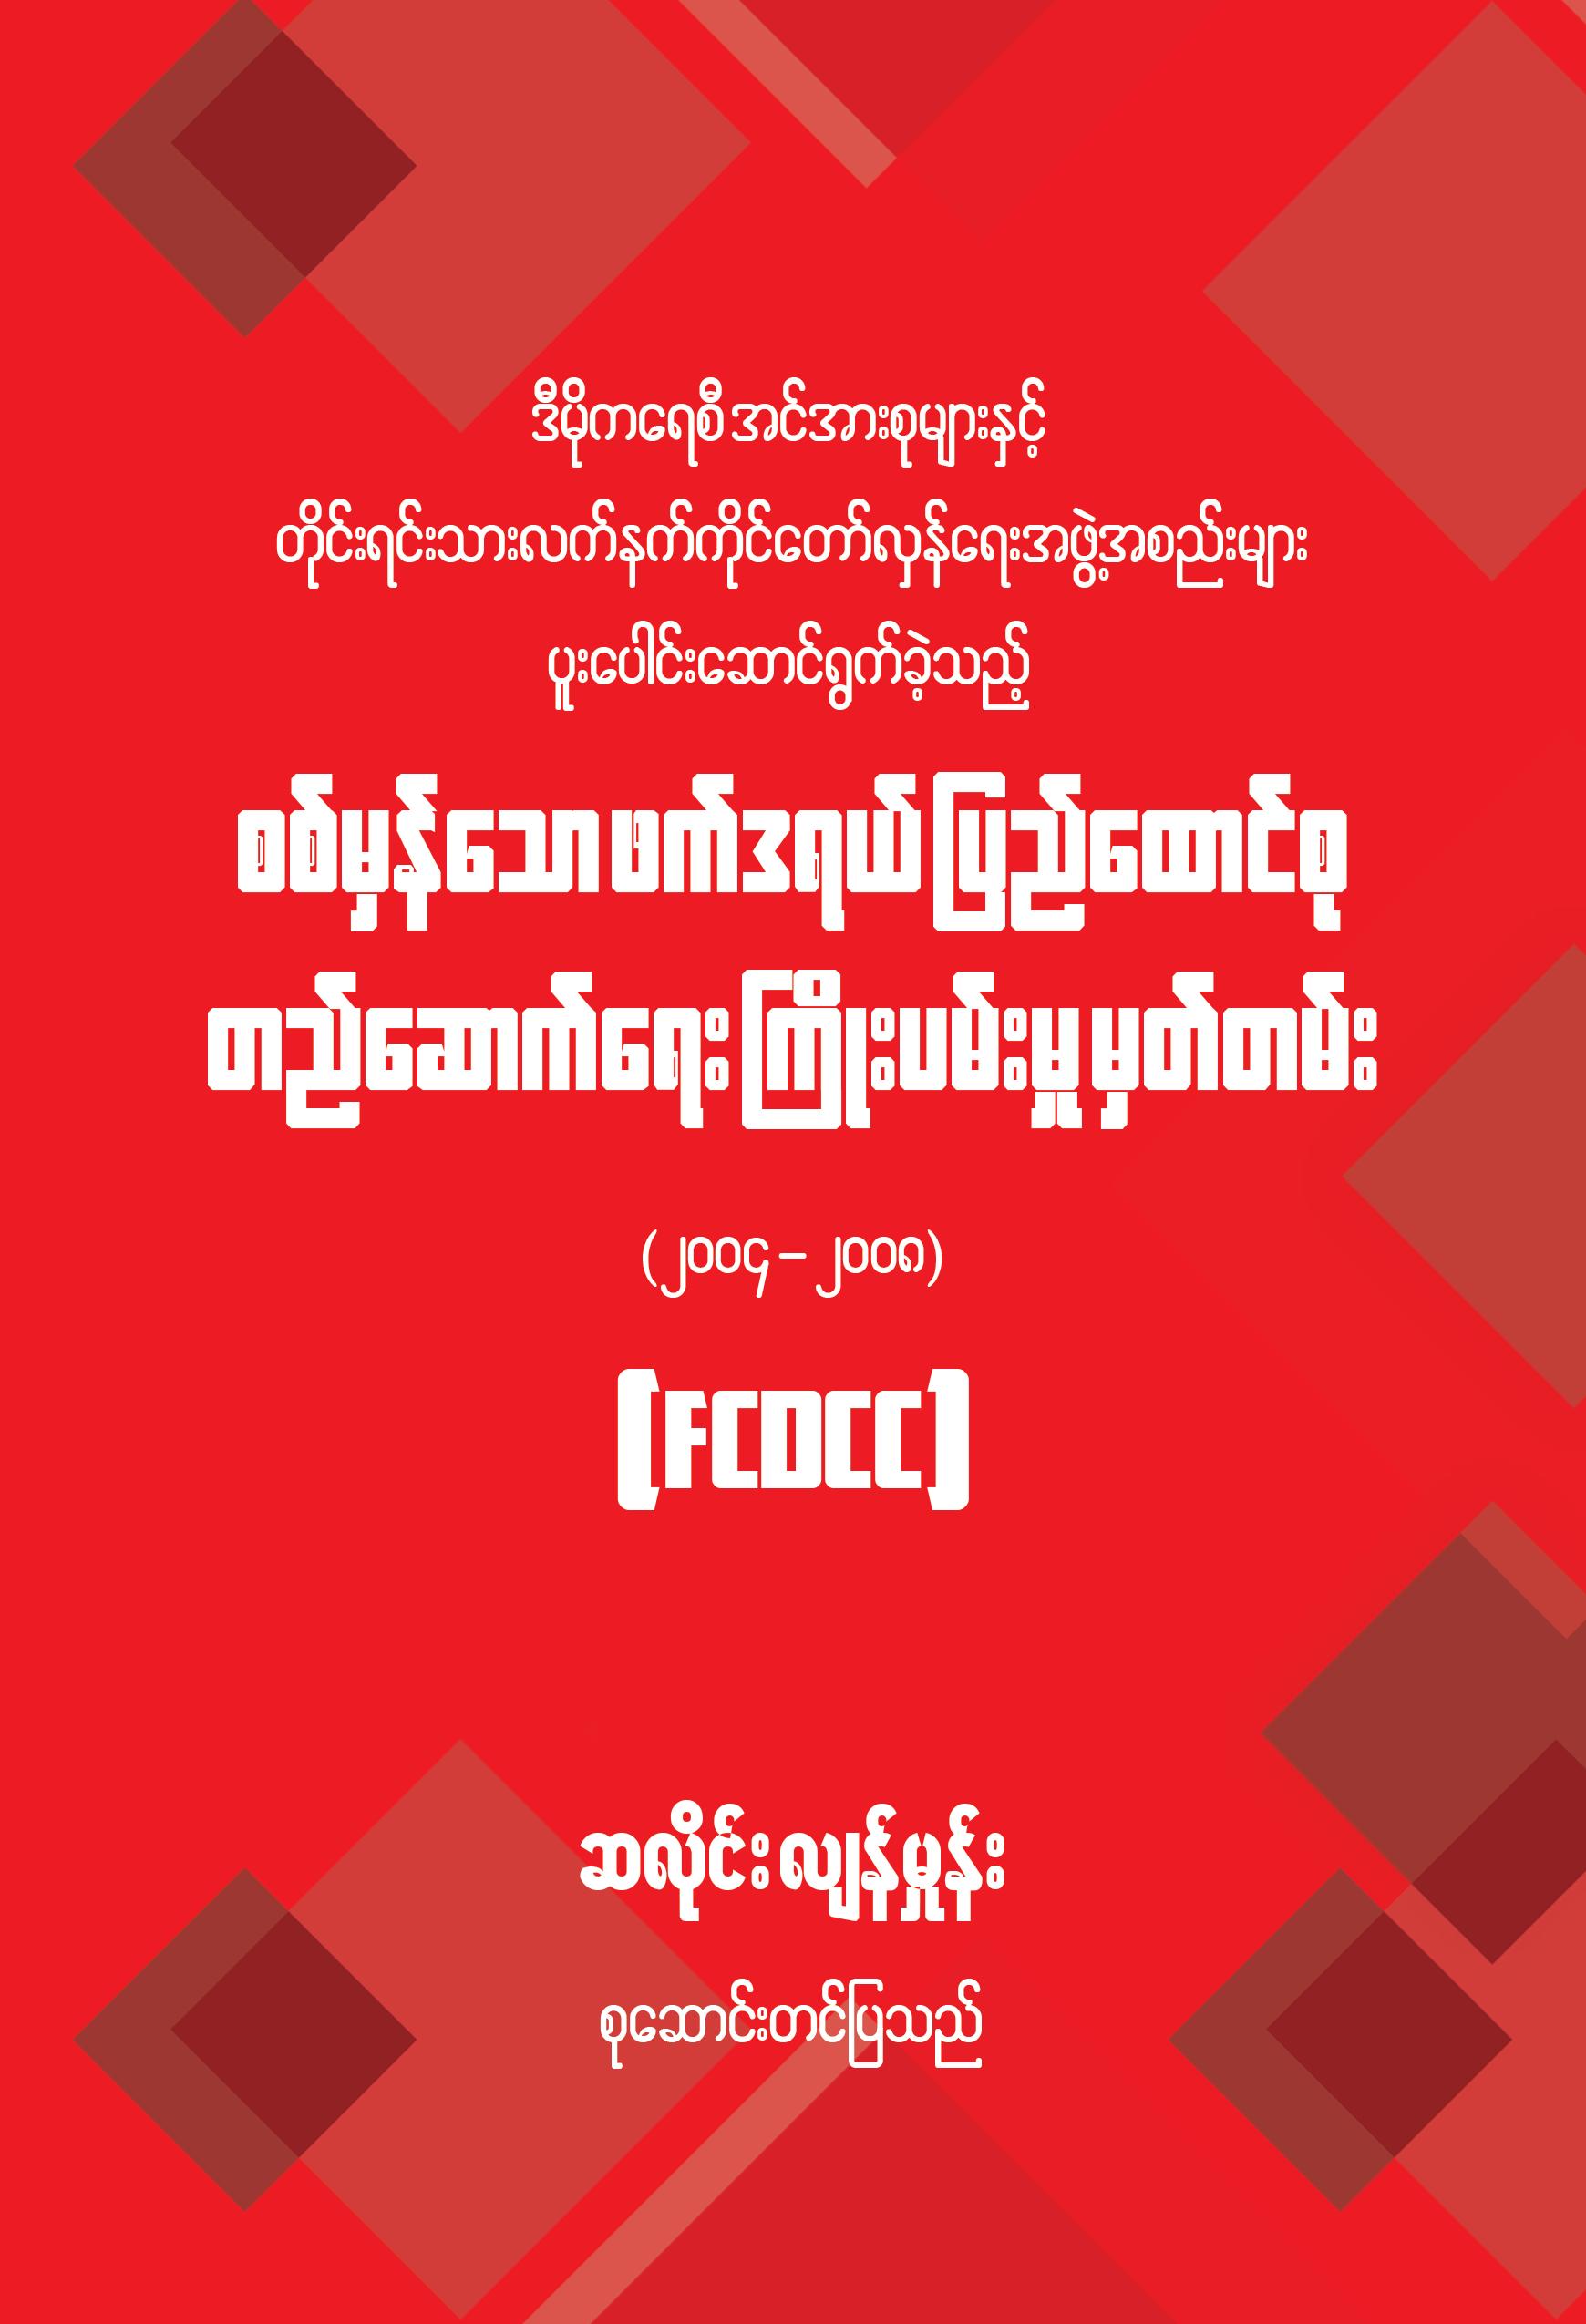 စစ်မှန်သောဖက်ဒရယ်ပြည်ထောင်စု  တည်ဆောက်ရေးကြိုးပမ်းမှုမှတ်တမ်း [FCDCC]